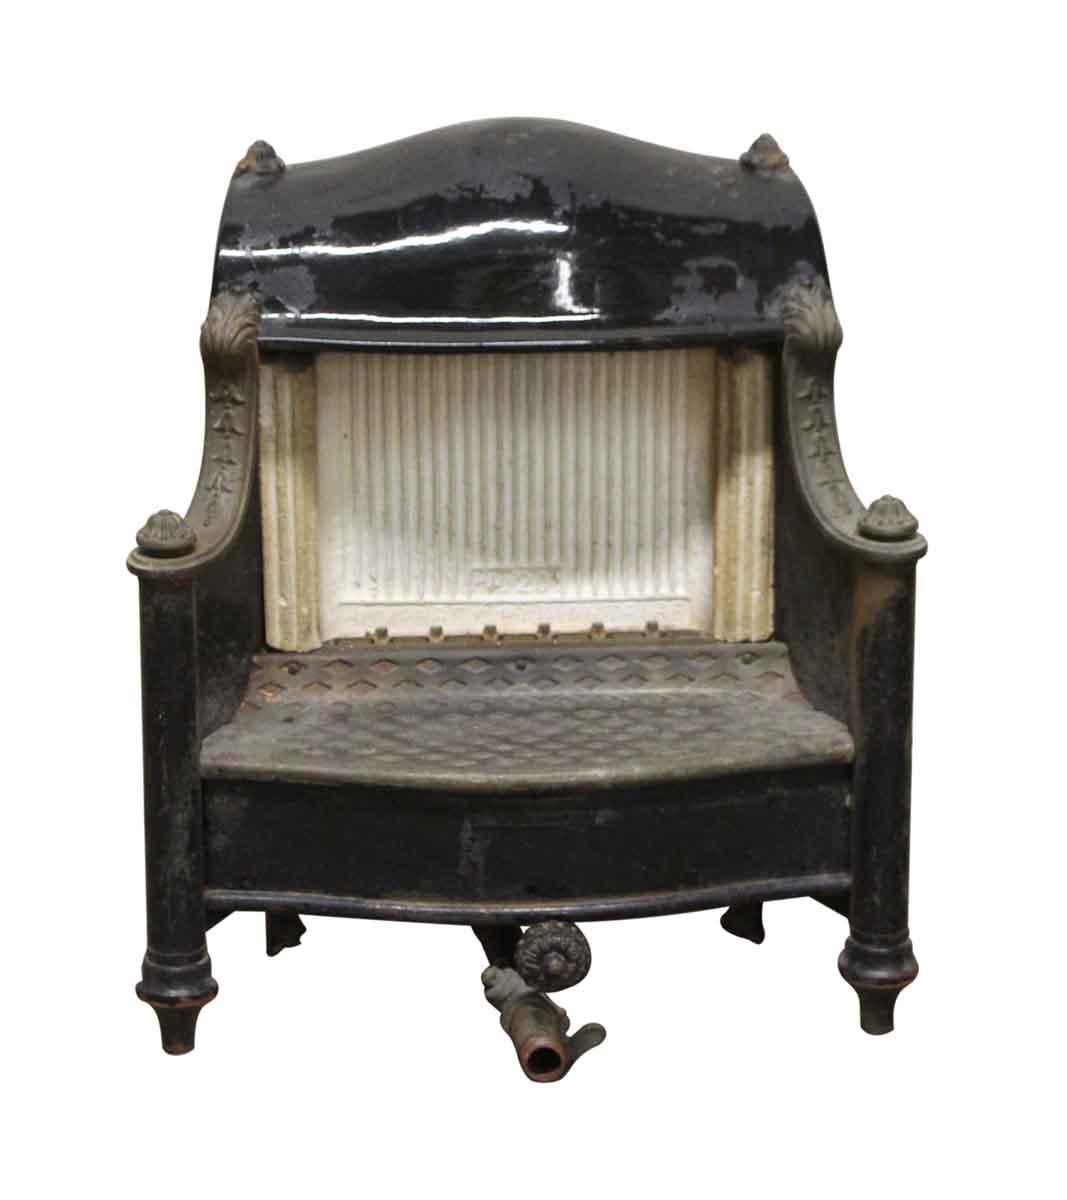 Antique Humphrey Radiantfire Gas Heater